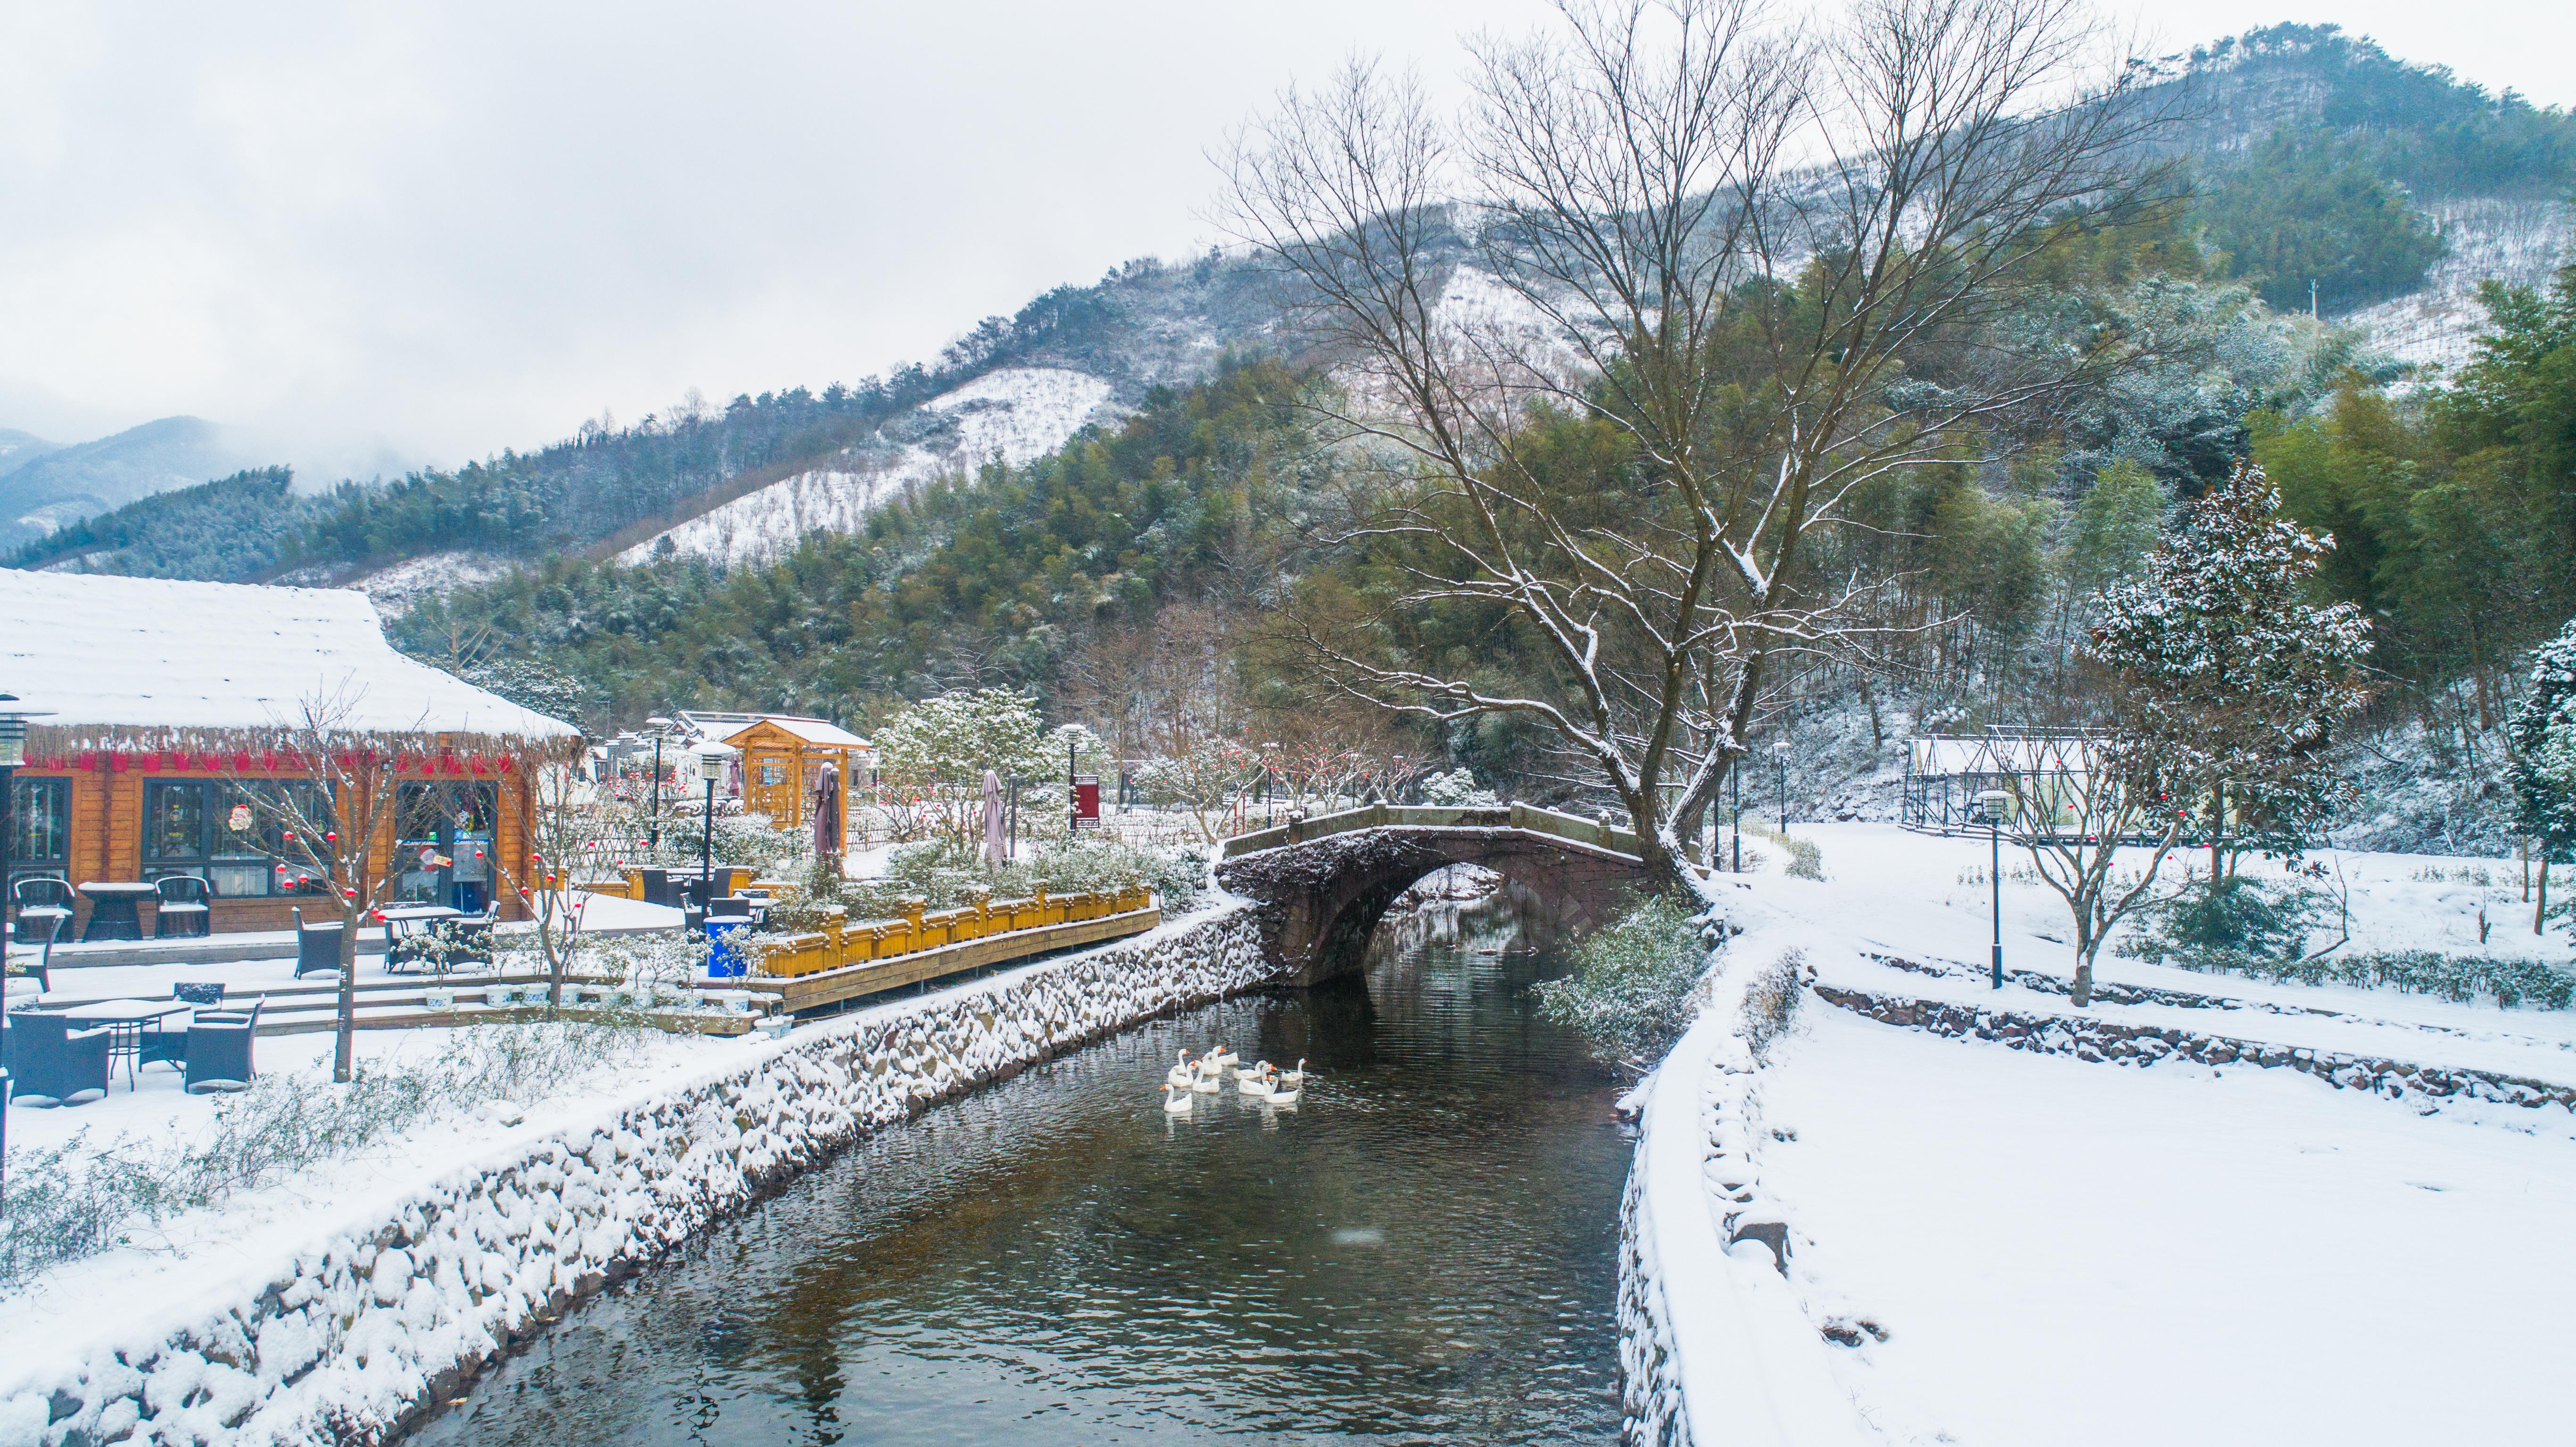 宁波冬季旅游攻略,自驾1.5小时,这三个地方藏着冬天最美色彩